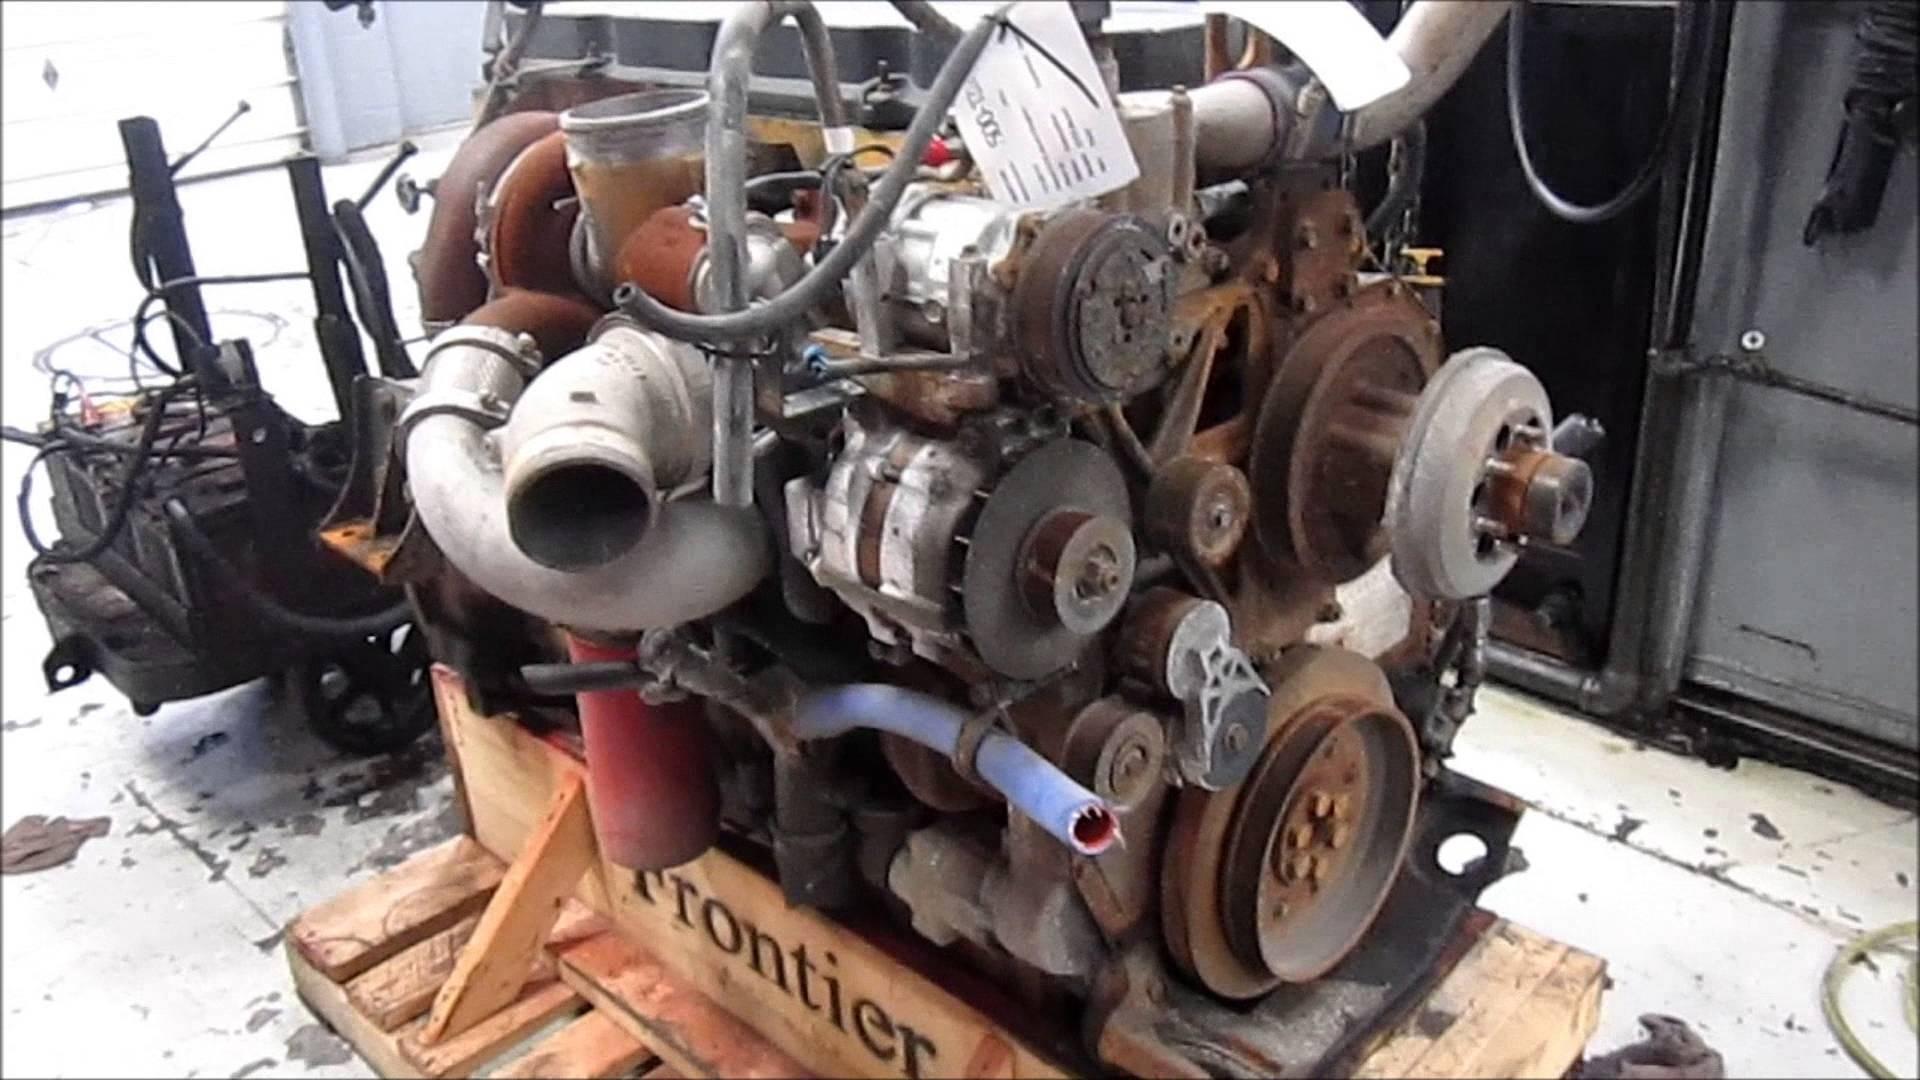 C13 Caterpillar Engine Diagram 2005 Caterpillar C13 Acert Engine Running  Kcb Of C13 Caterpillar Engine Diagram